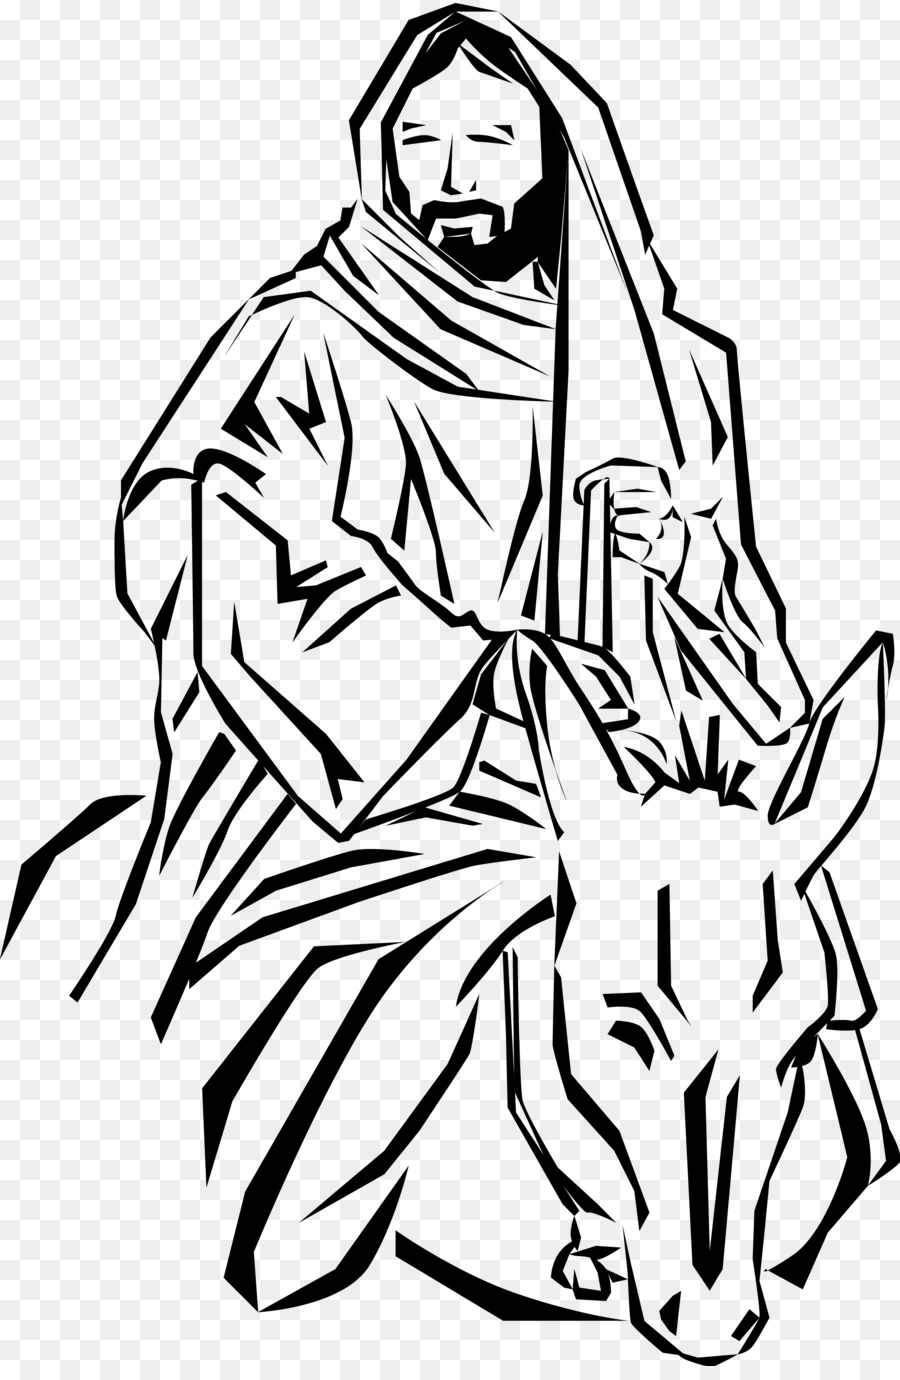 900x1380 Donkey Palm Sunday Triumphal Entry Into Jerusalem Clip Art